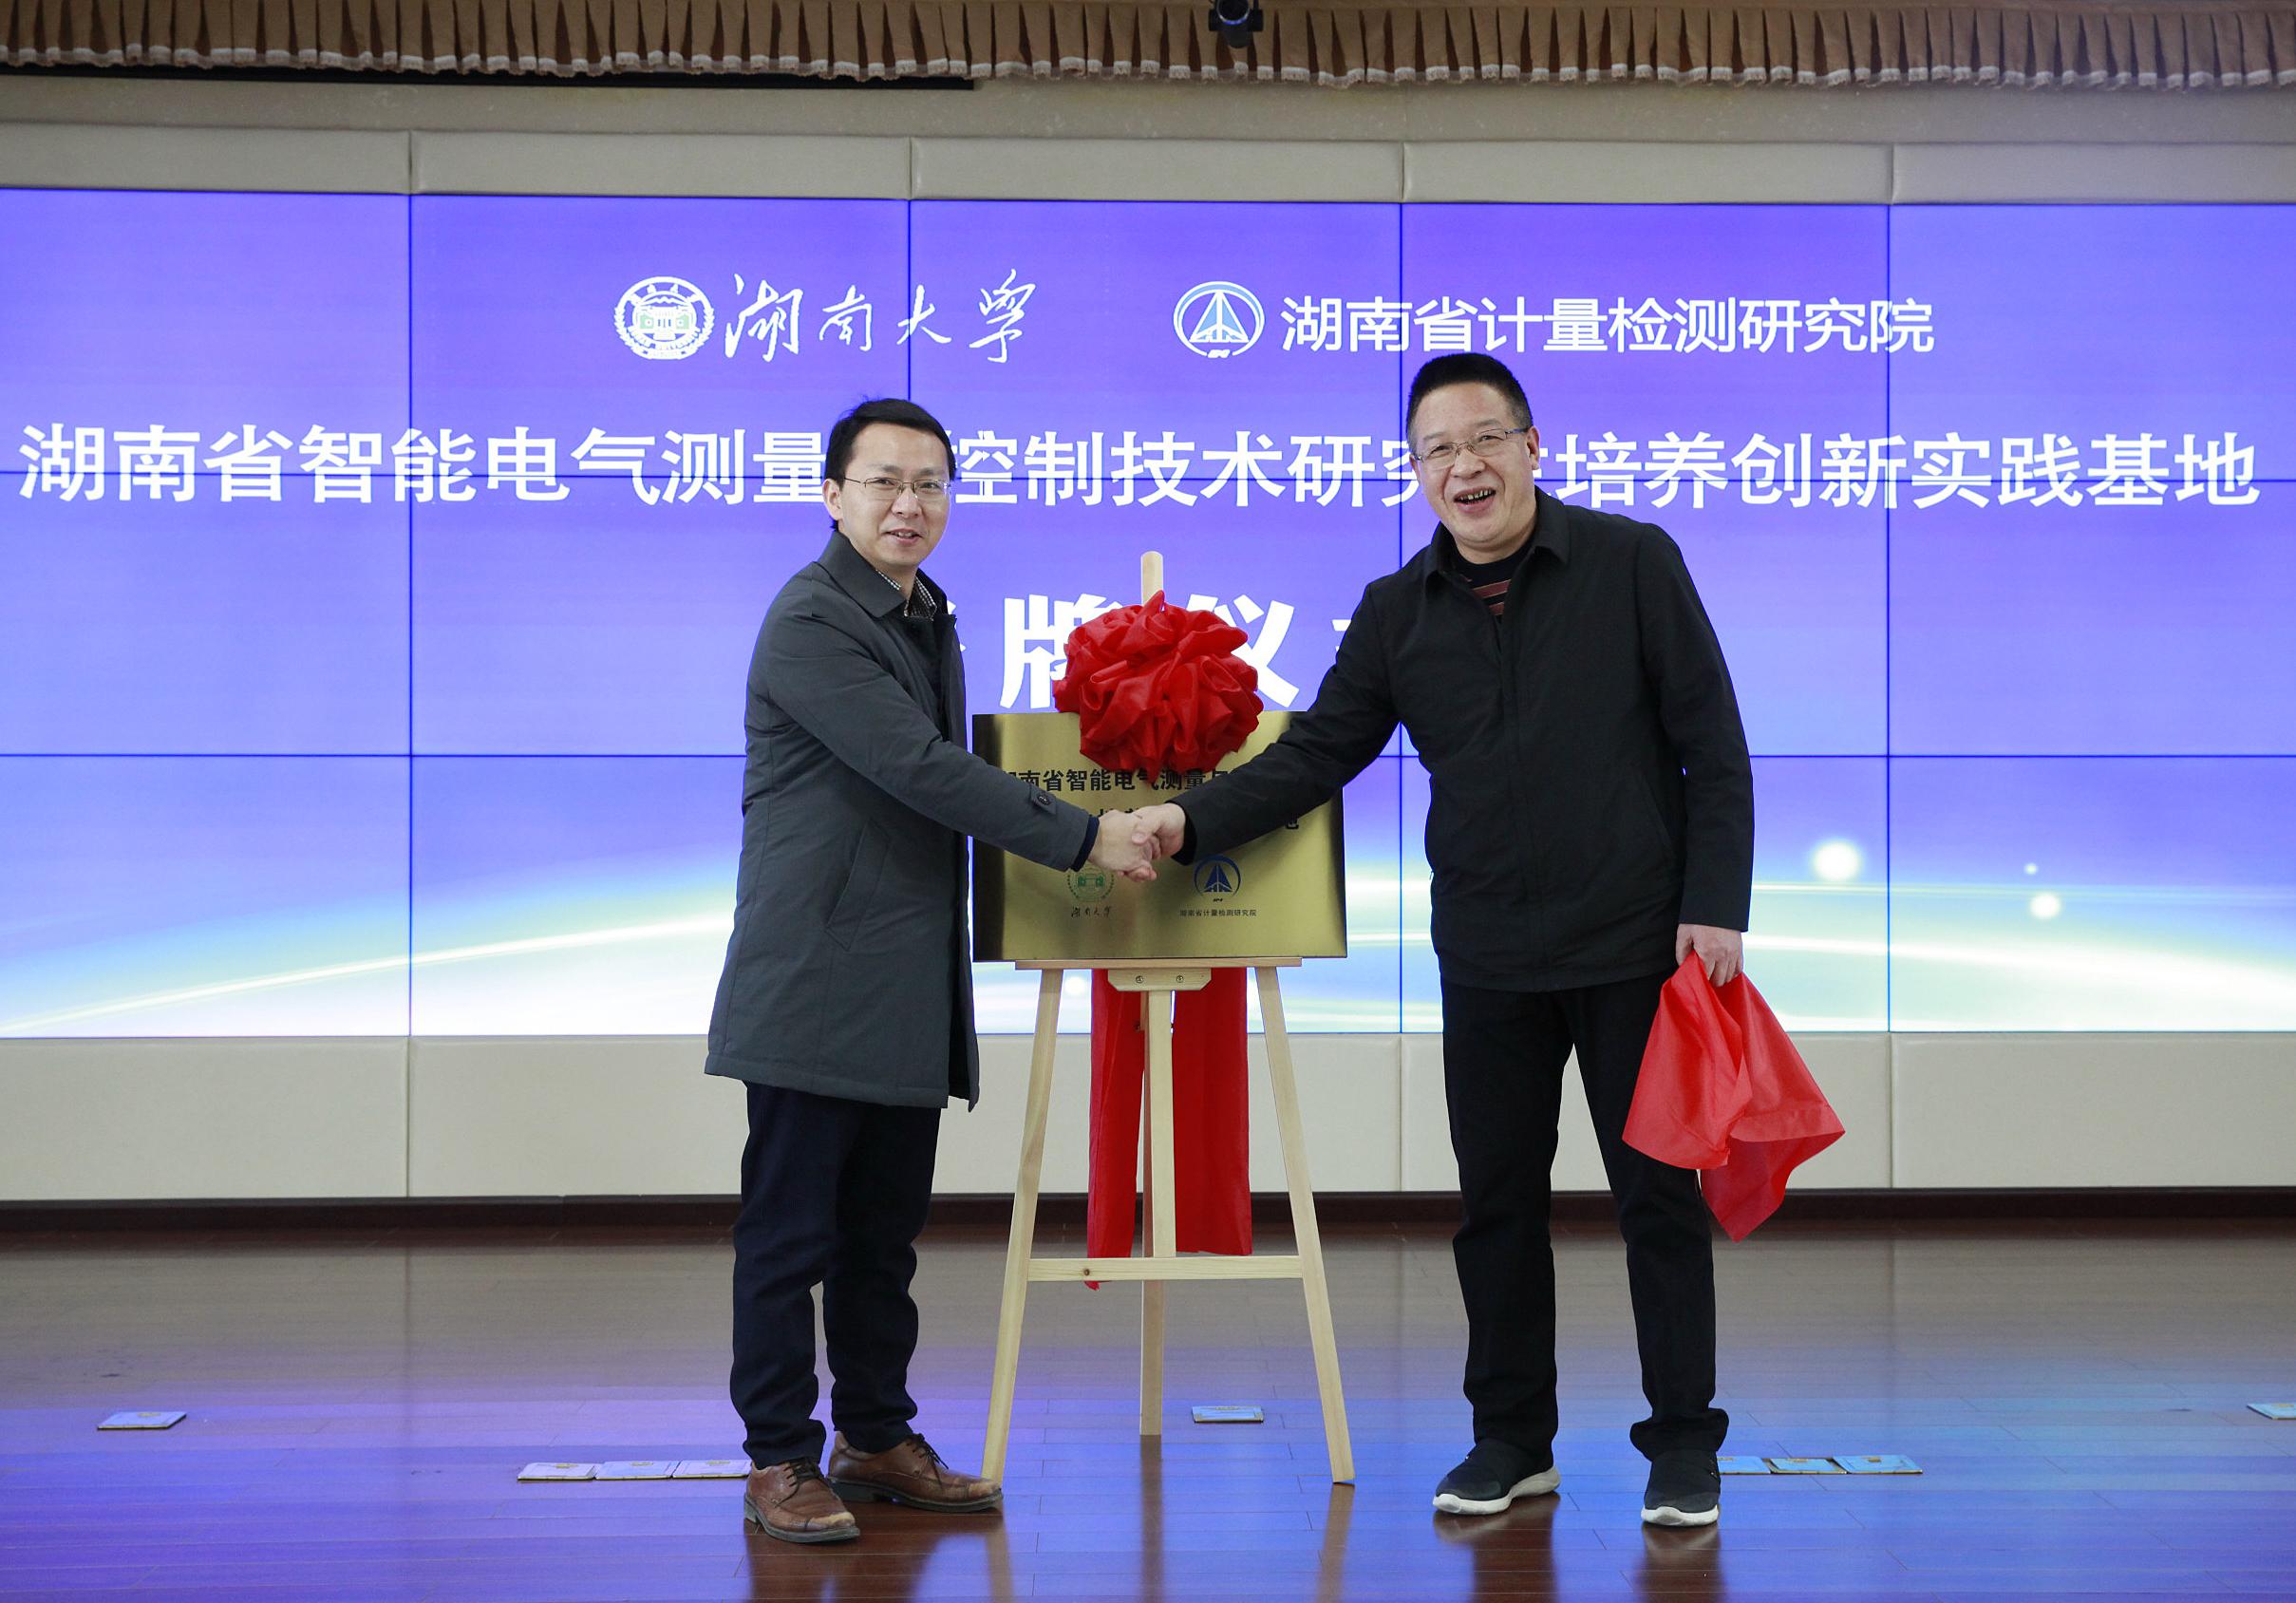 湖南省智能電氣測量與控制技術研究生培養創新實踐基地揭牌